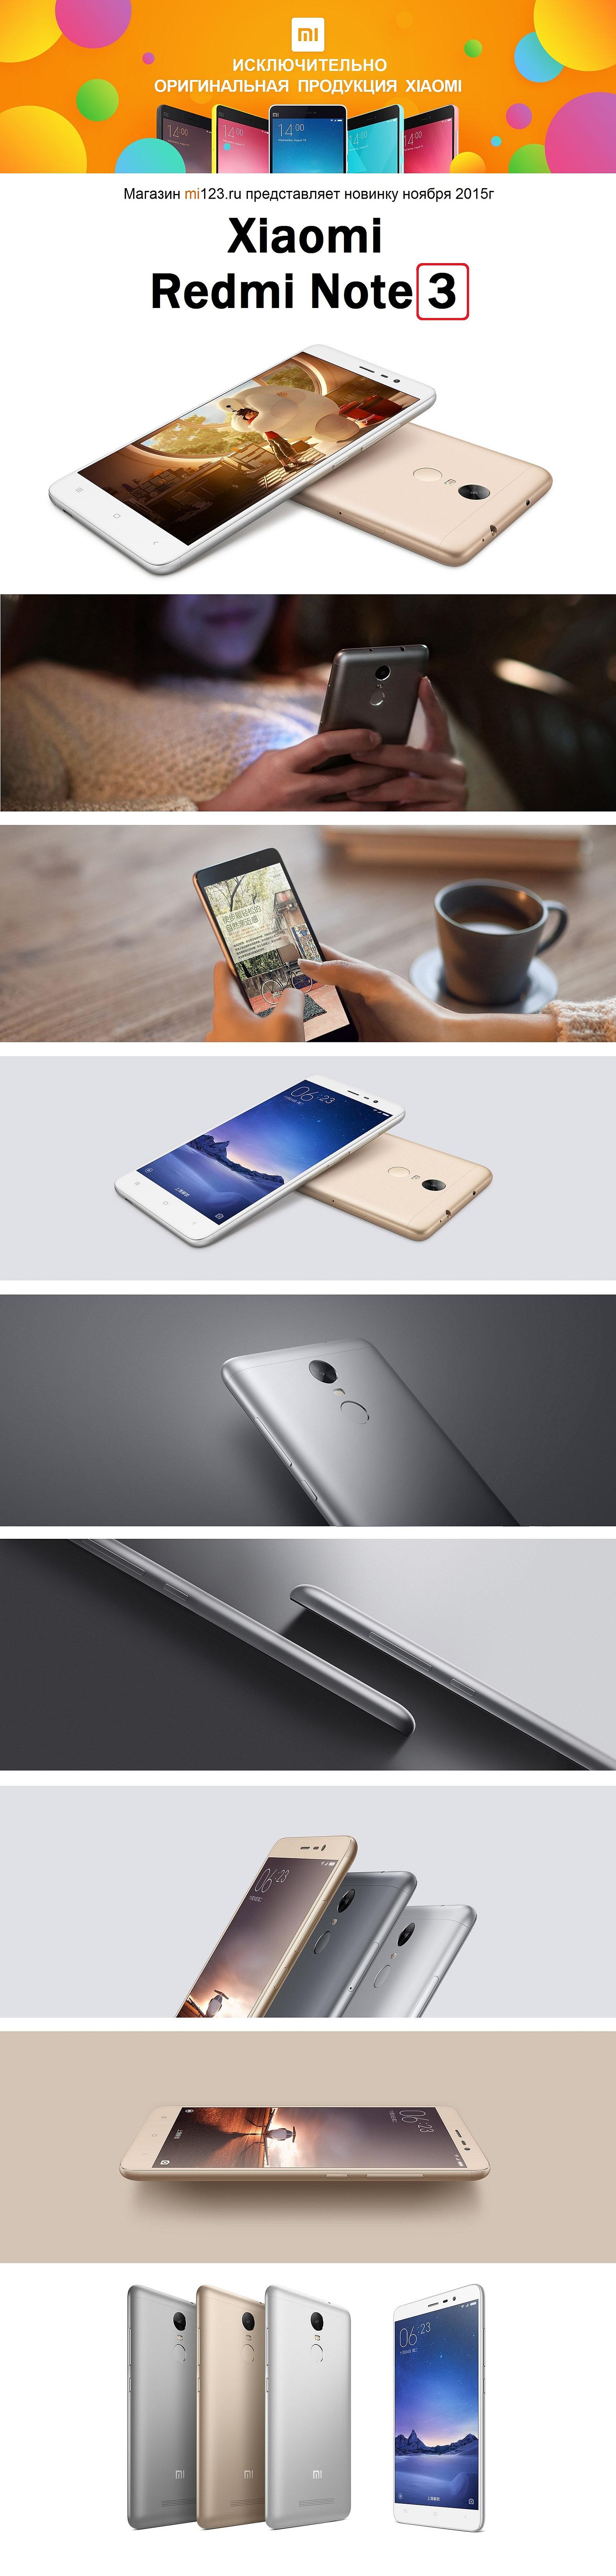 Смартфон Xiaomi Mi5 цена в кредит купить телефон Xiaomi